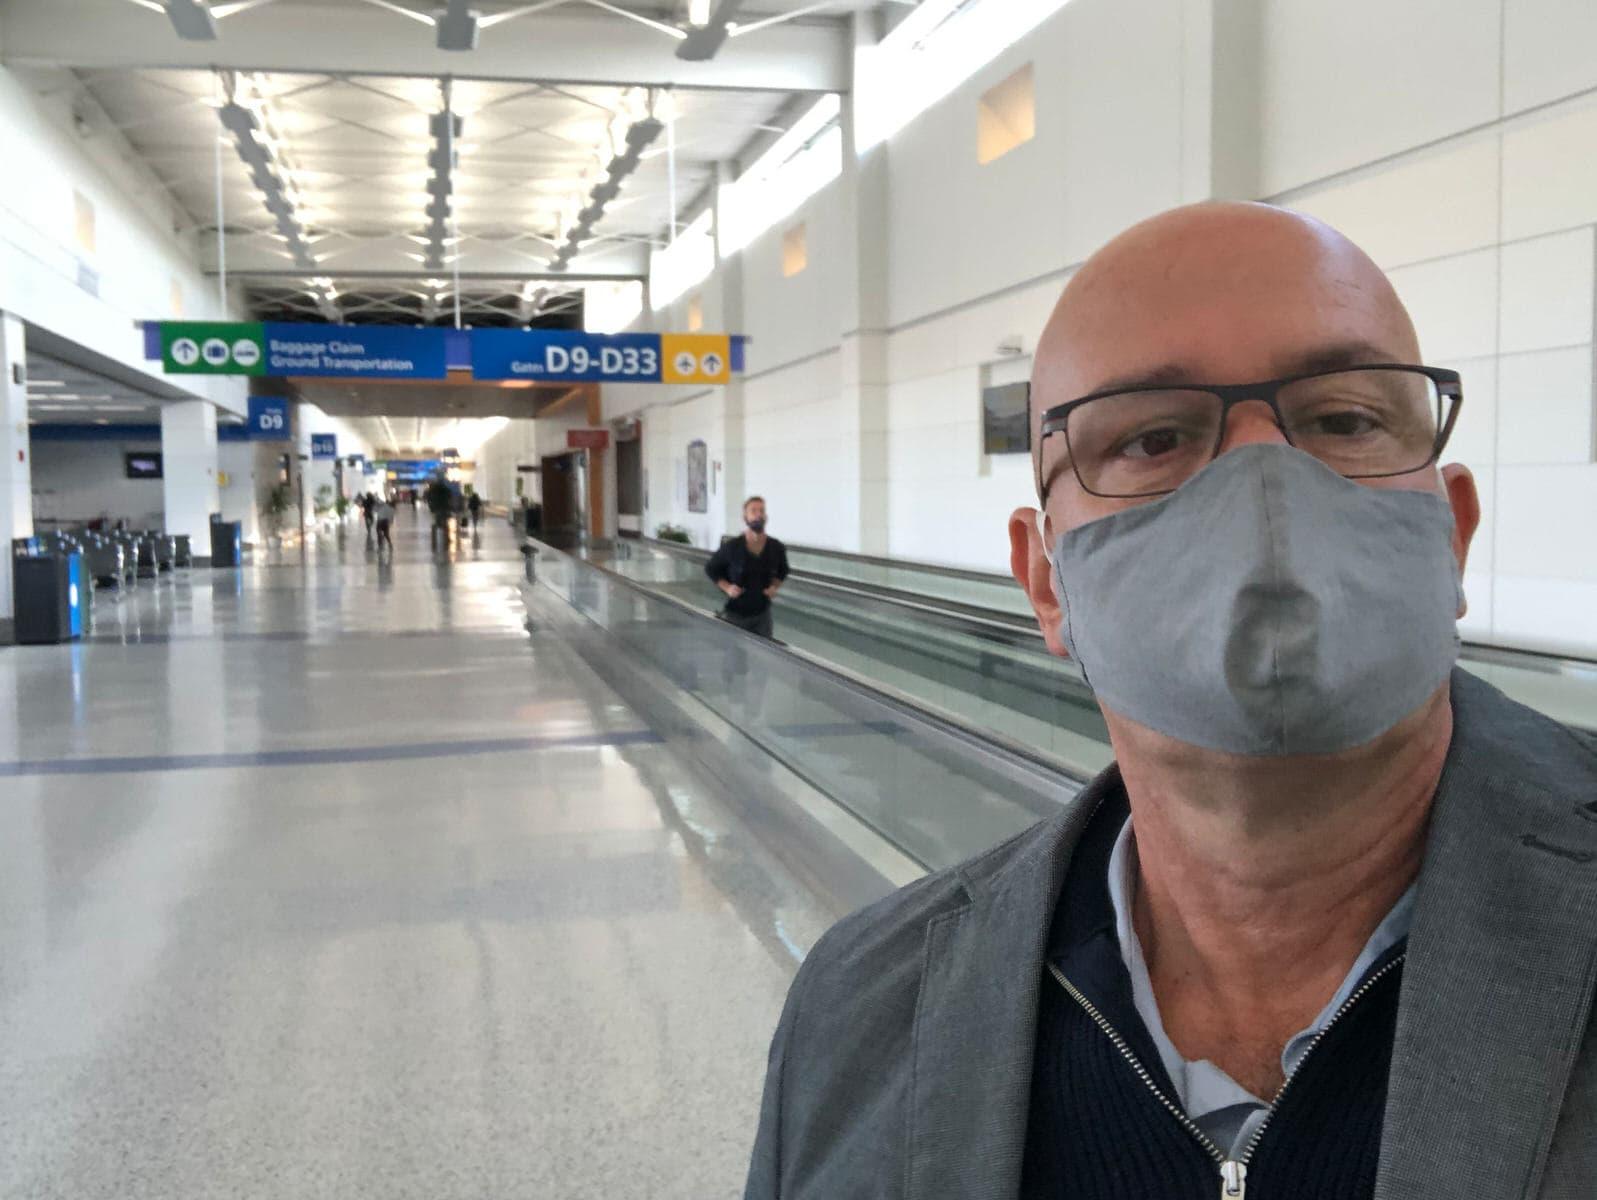 Steven Graffham wearing a mask at a very quiet Detroit International airport